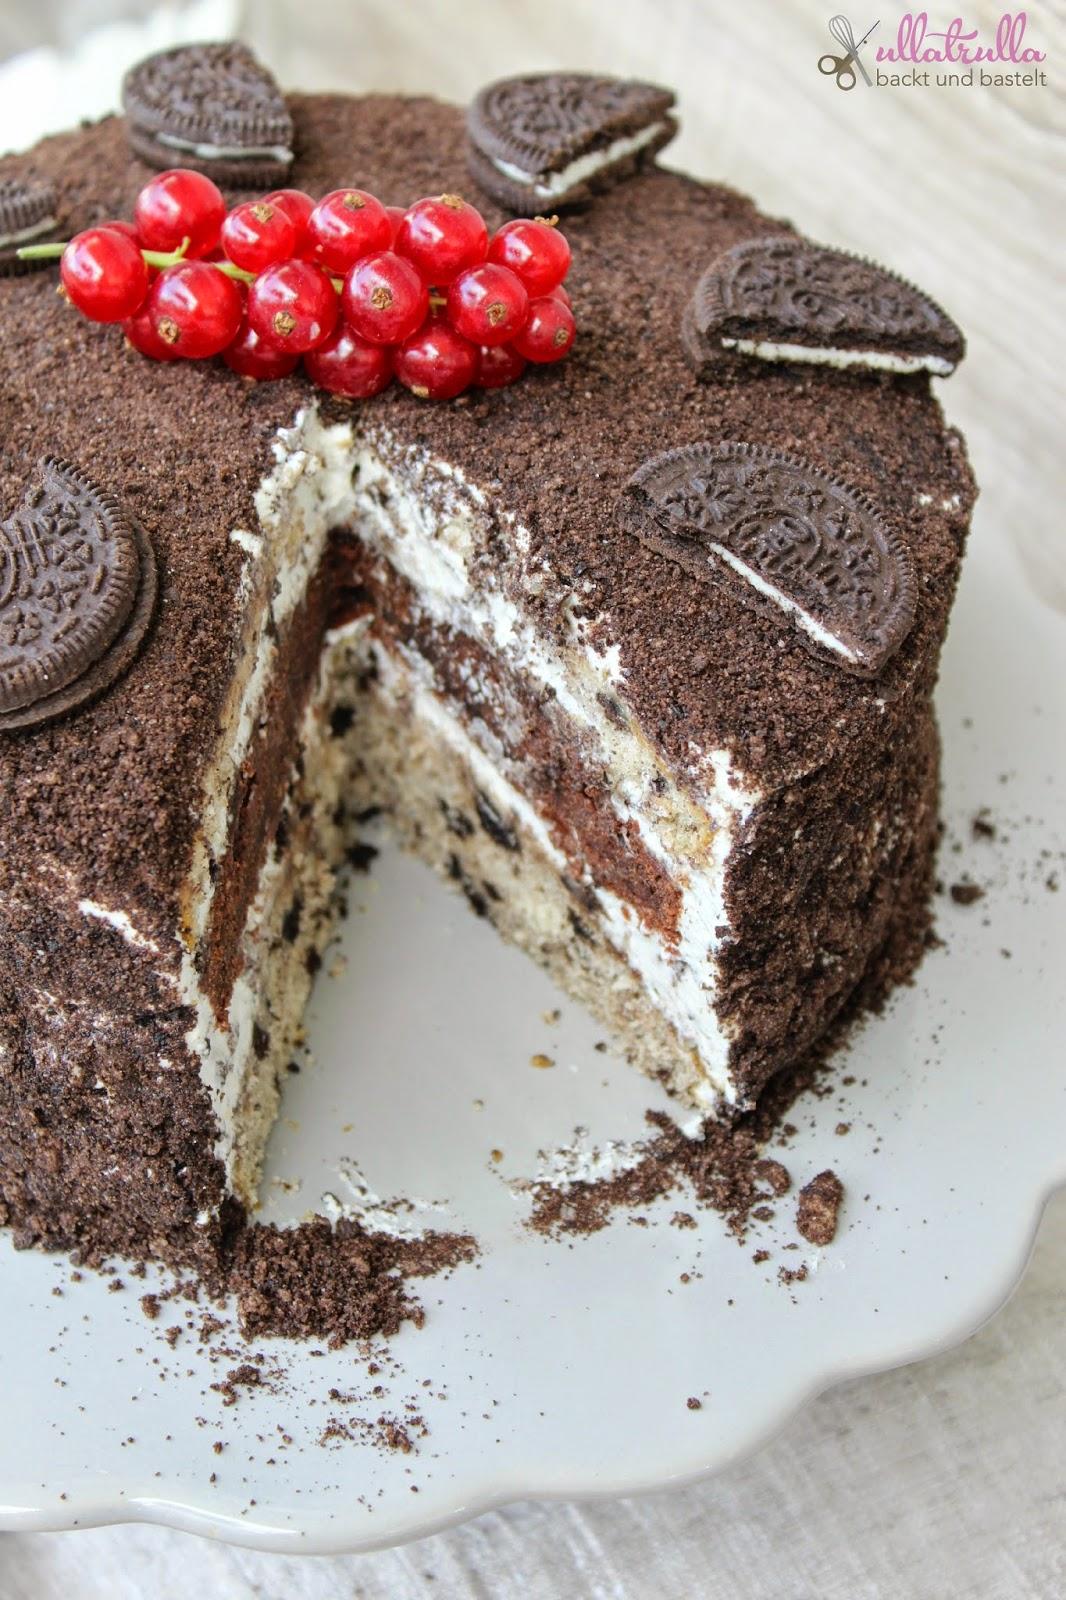 Ullatrulla Backt Und Bastelt Oreo Torte Die Beste Torte Die Ich